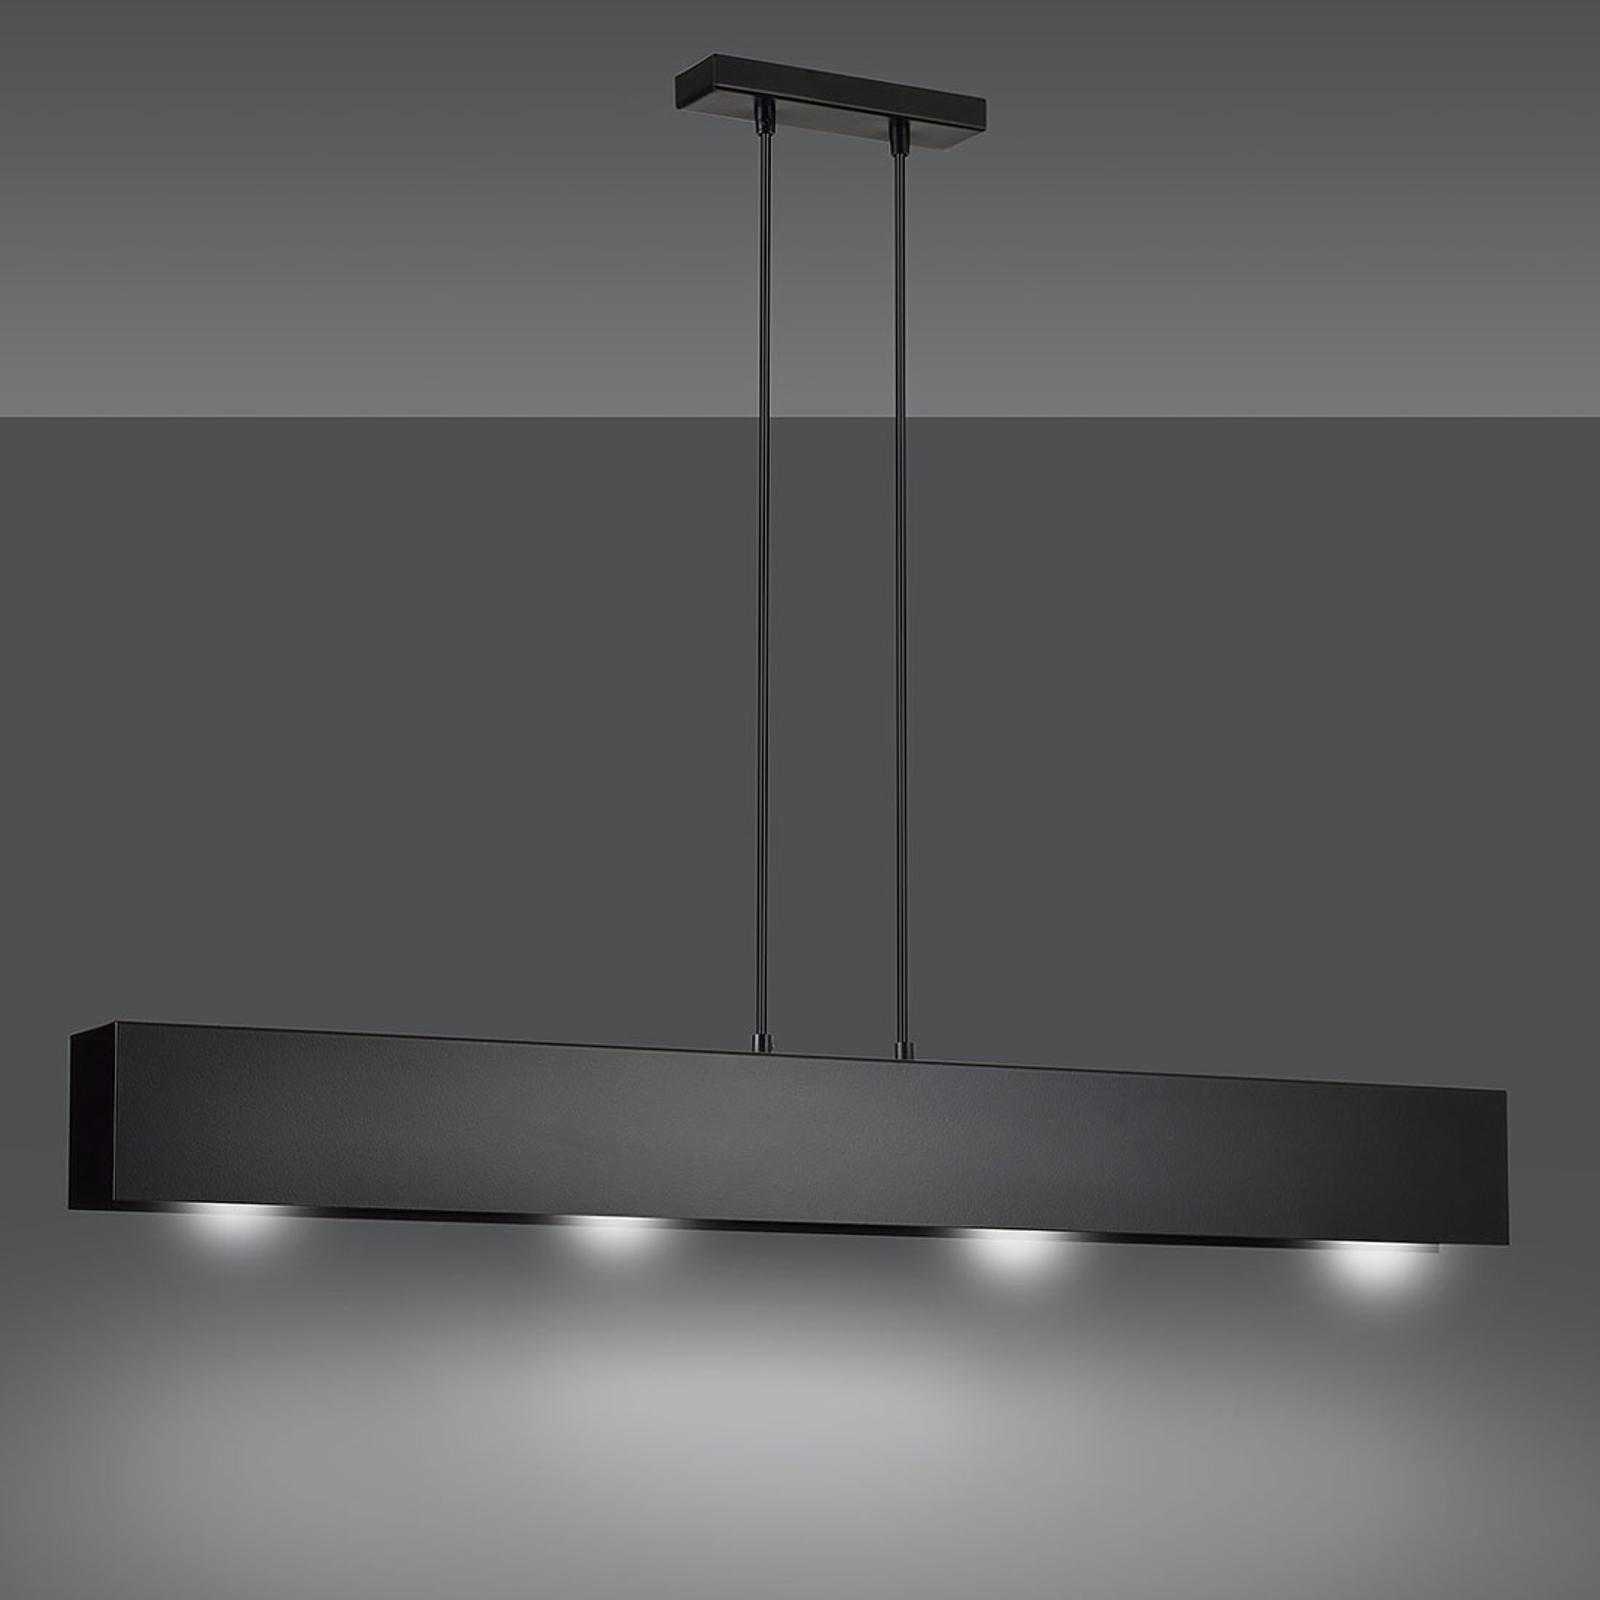 Riippuvalo Gentor 4, pituus 96 cm, musta